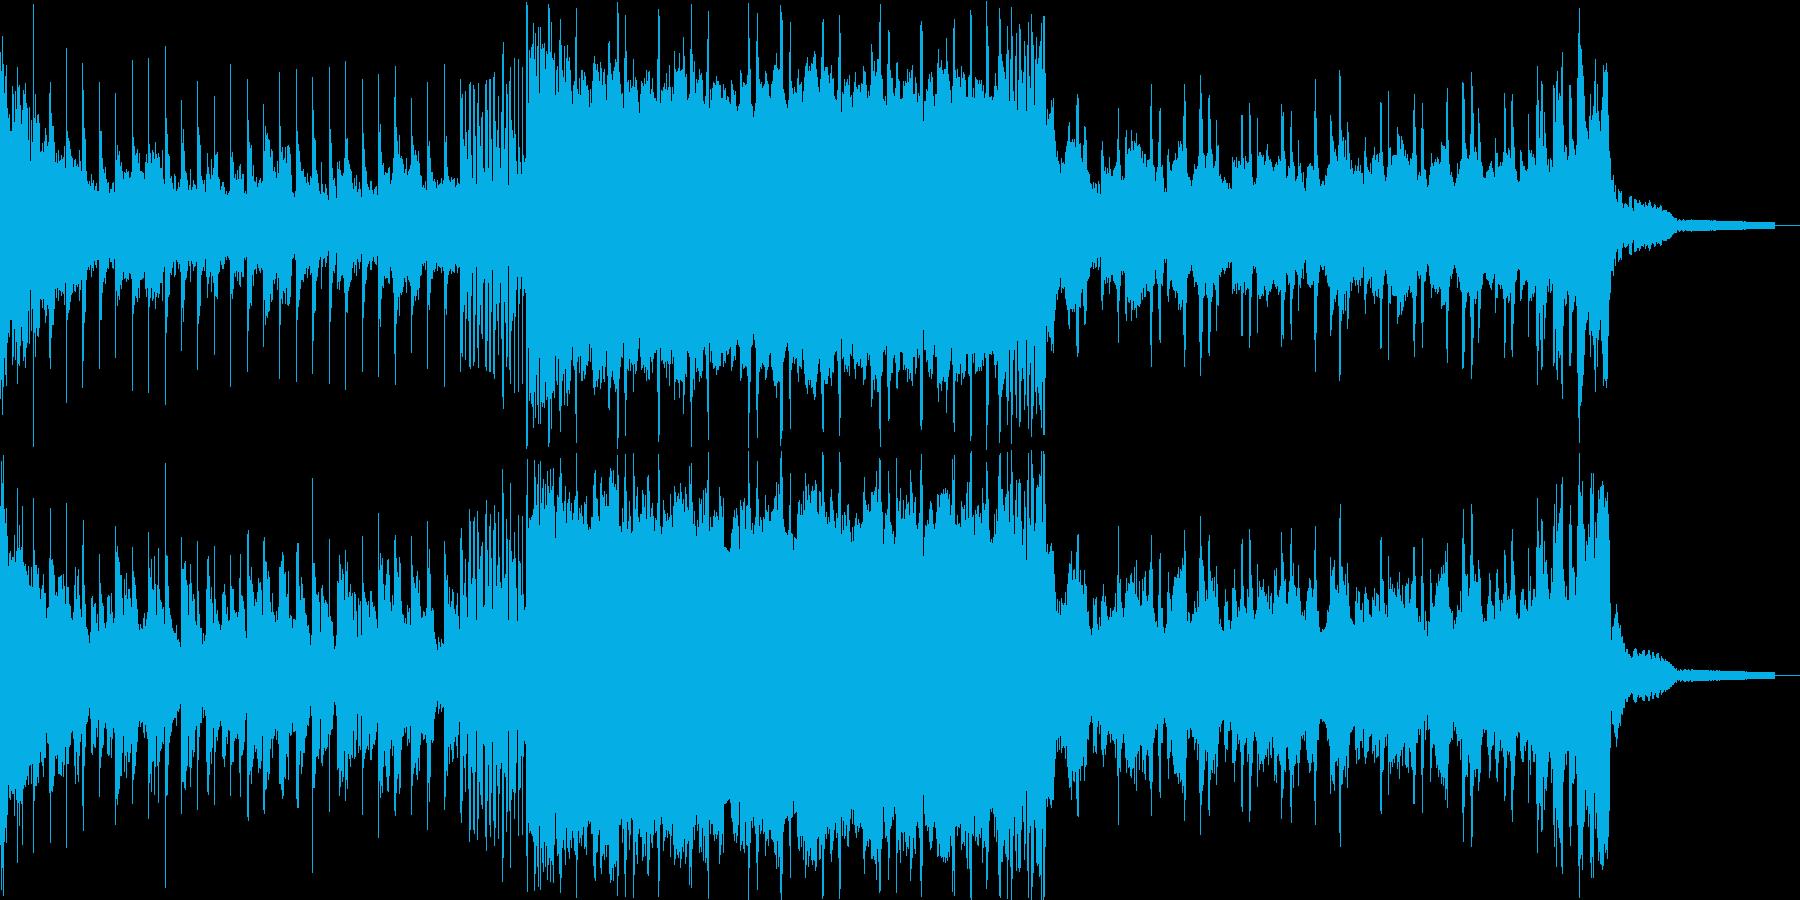 自分を信じる逞しいBGMの再生済みの波形